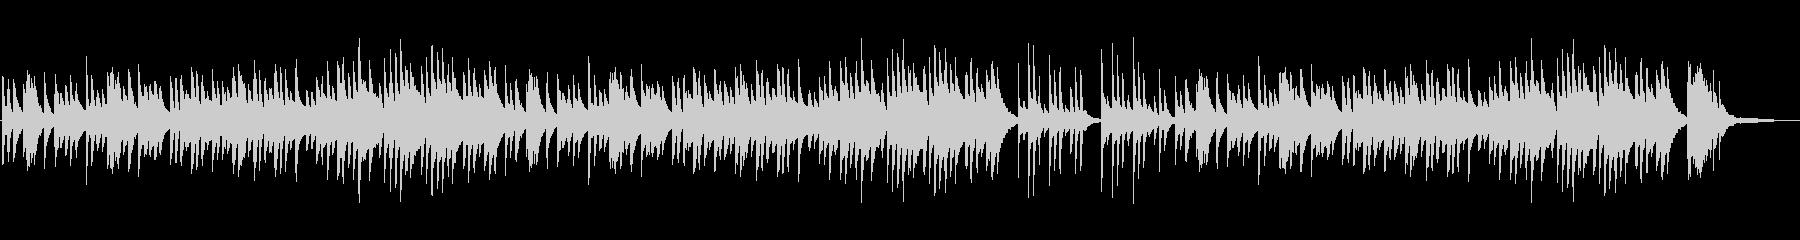 ノスタルジックで和風なピアノBGMの未再生の波形